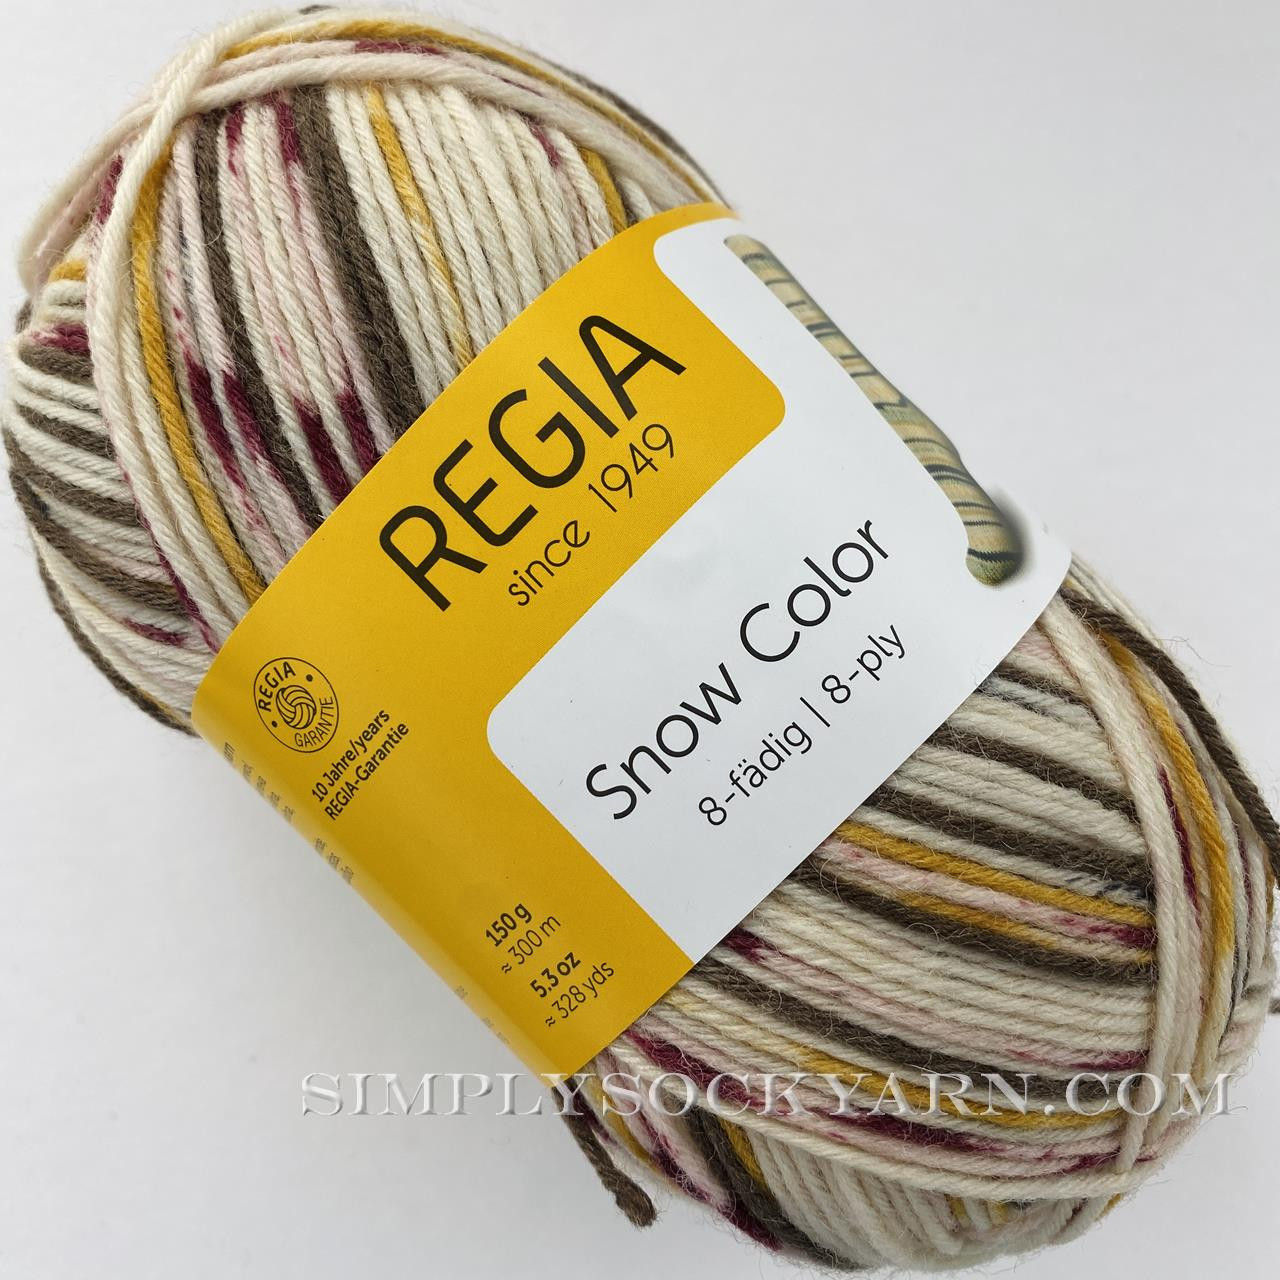 Regia 8 Ply Snow Color 8117 -